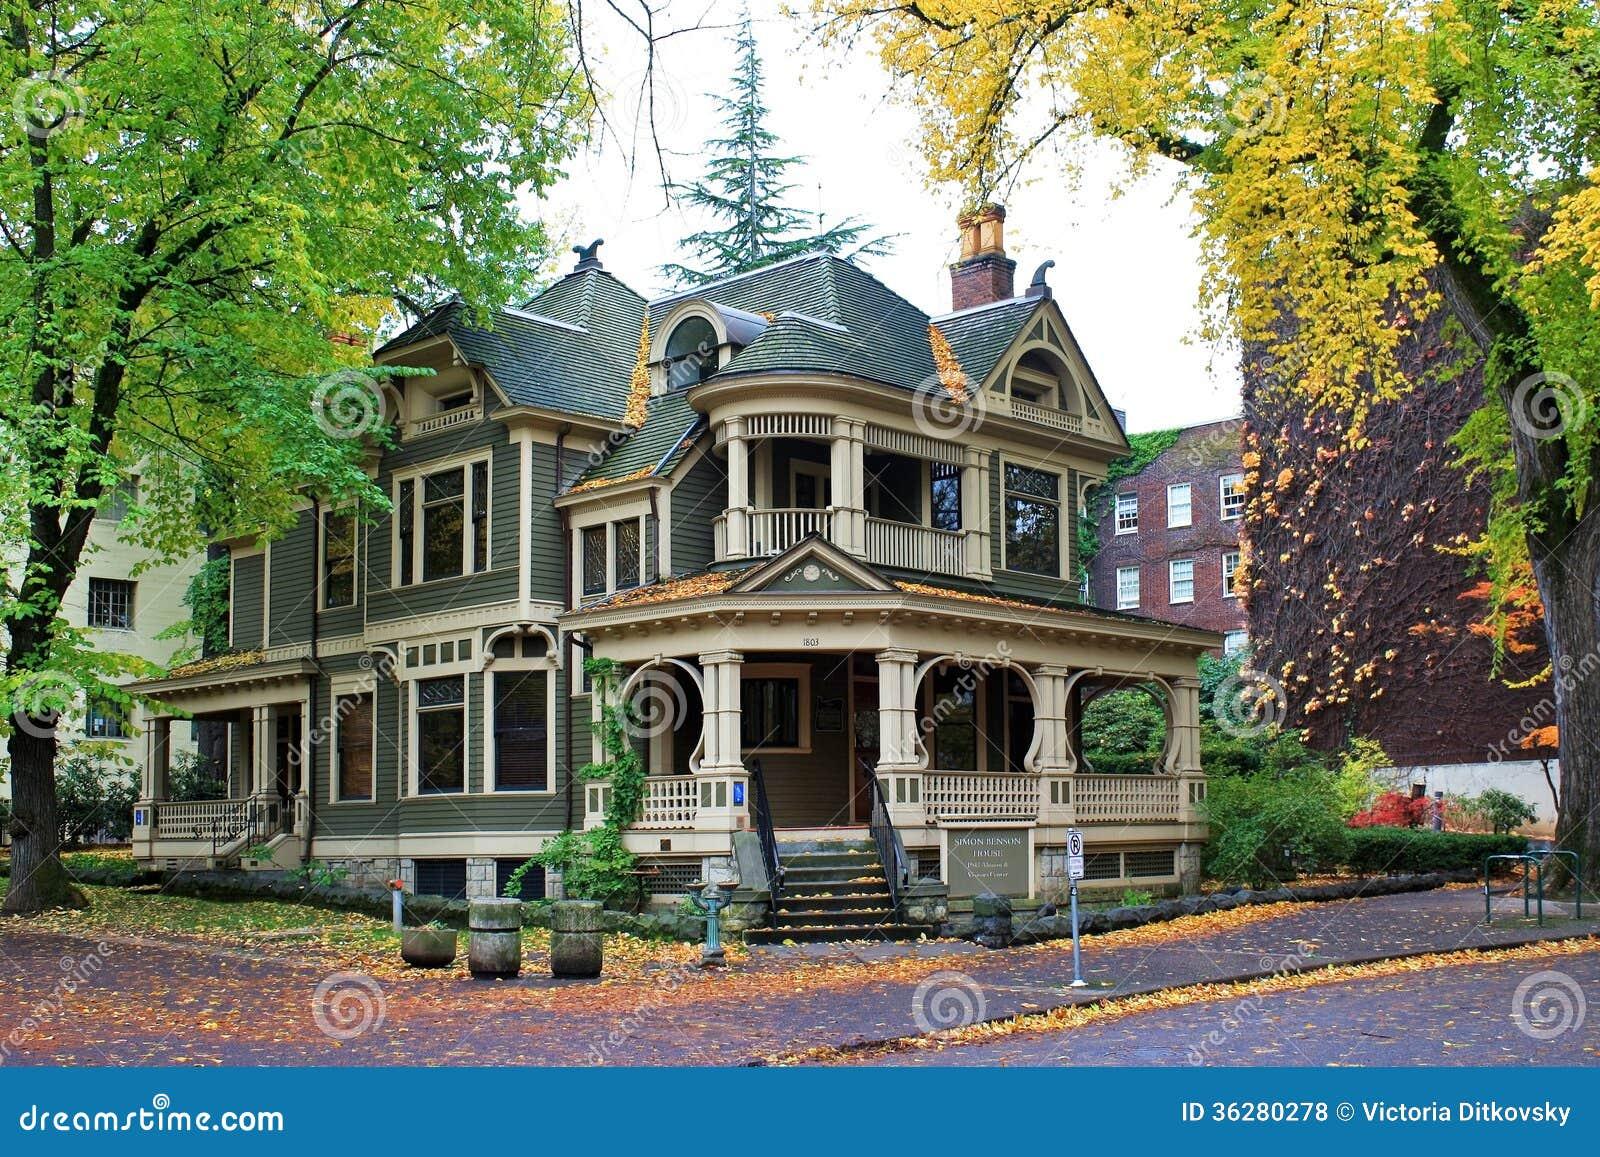 Simon benson house in portland oregon editorial stock for Building a home in oregon